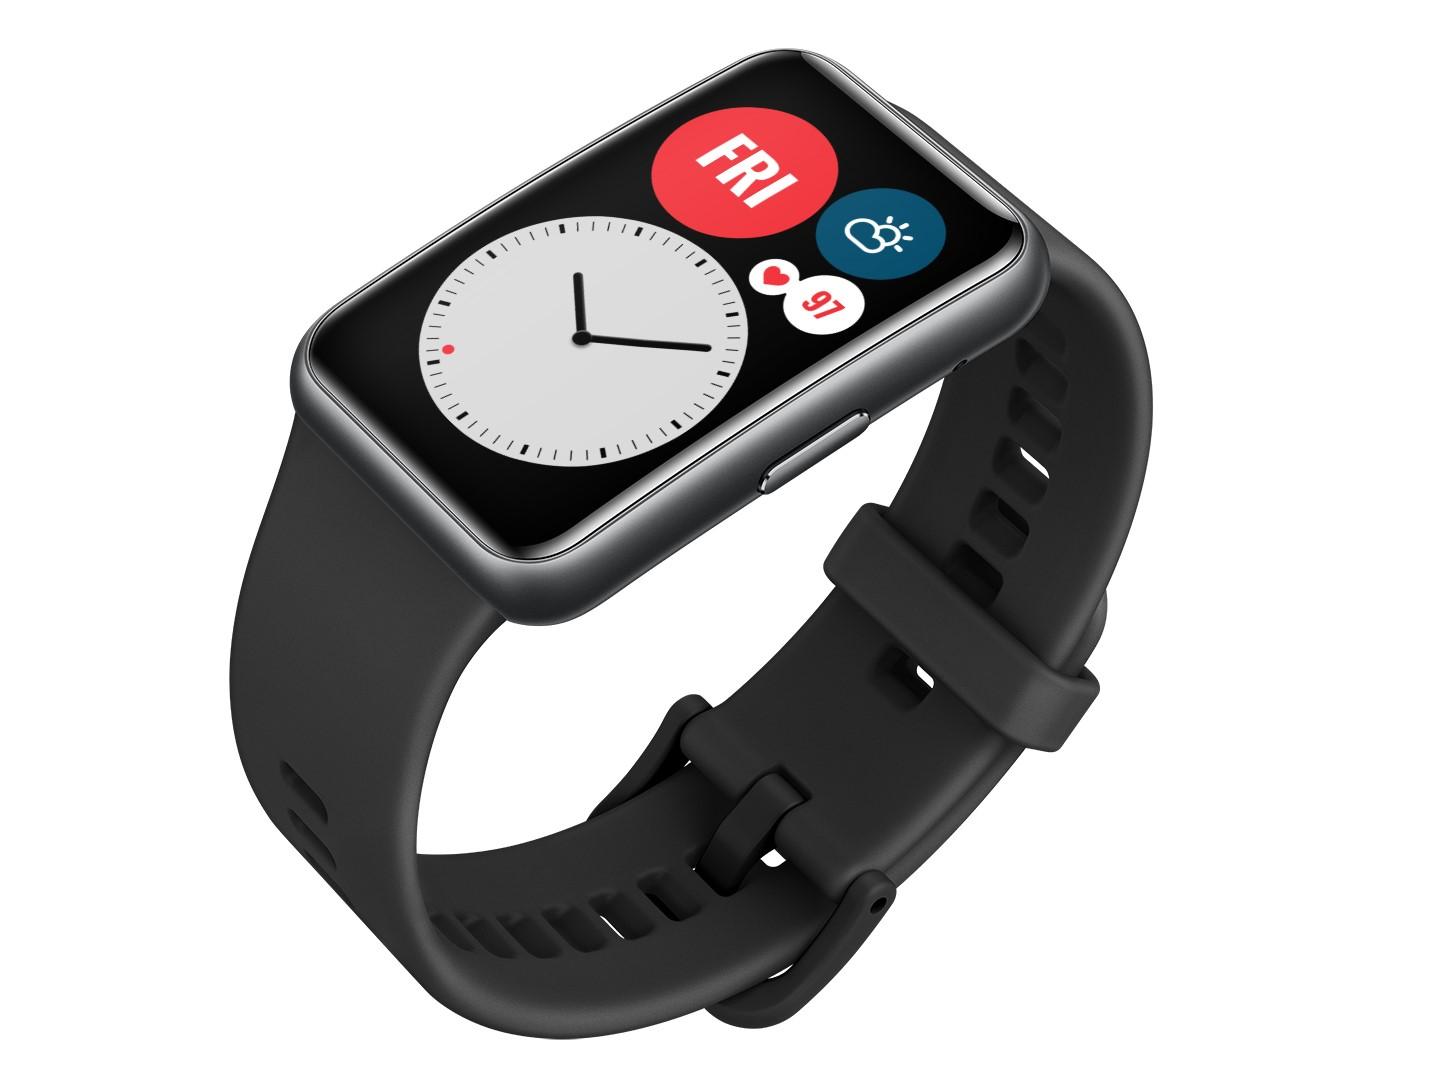 Huawei Watch Fit nhấn mạnh tính năng thể thao cho người dùng với pin dùng lên đến 10 ngày - Ảnh 2.